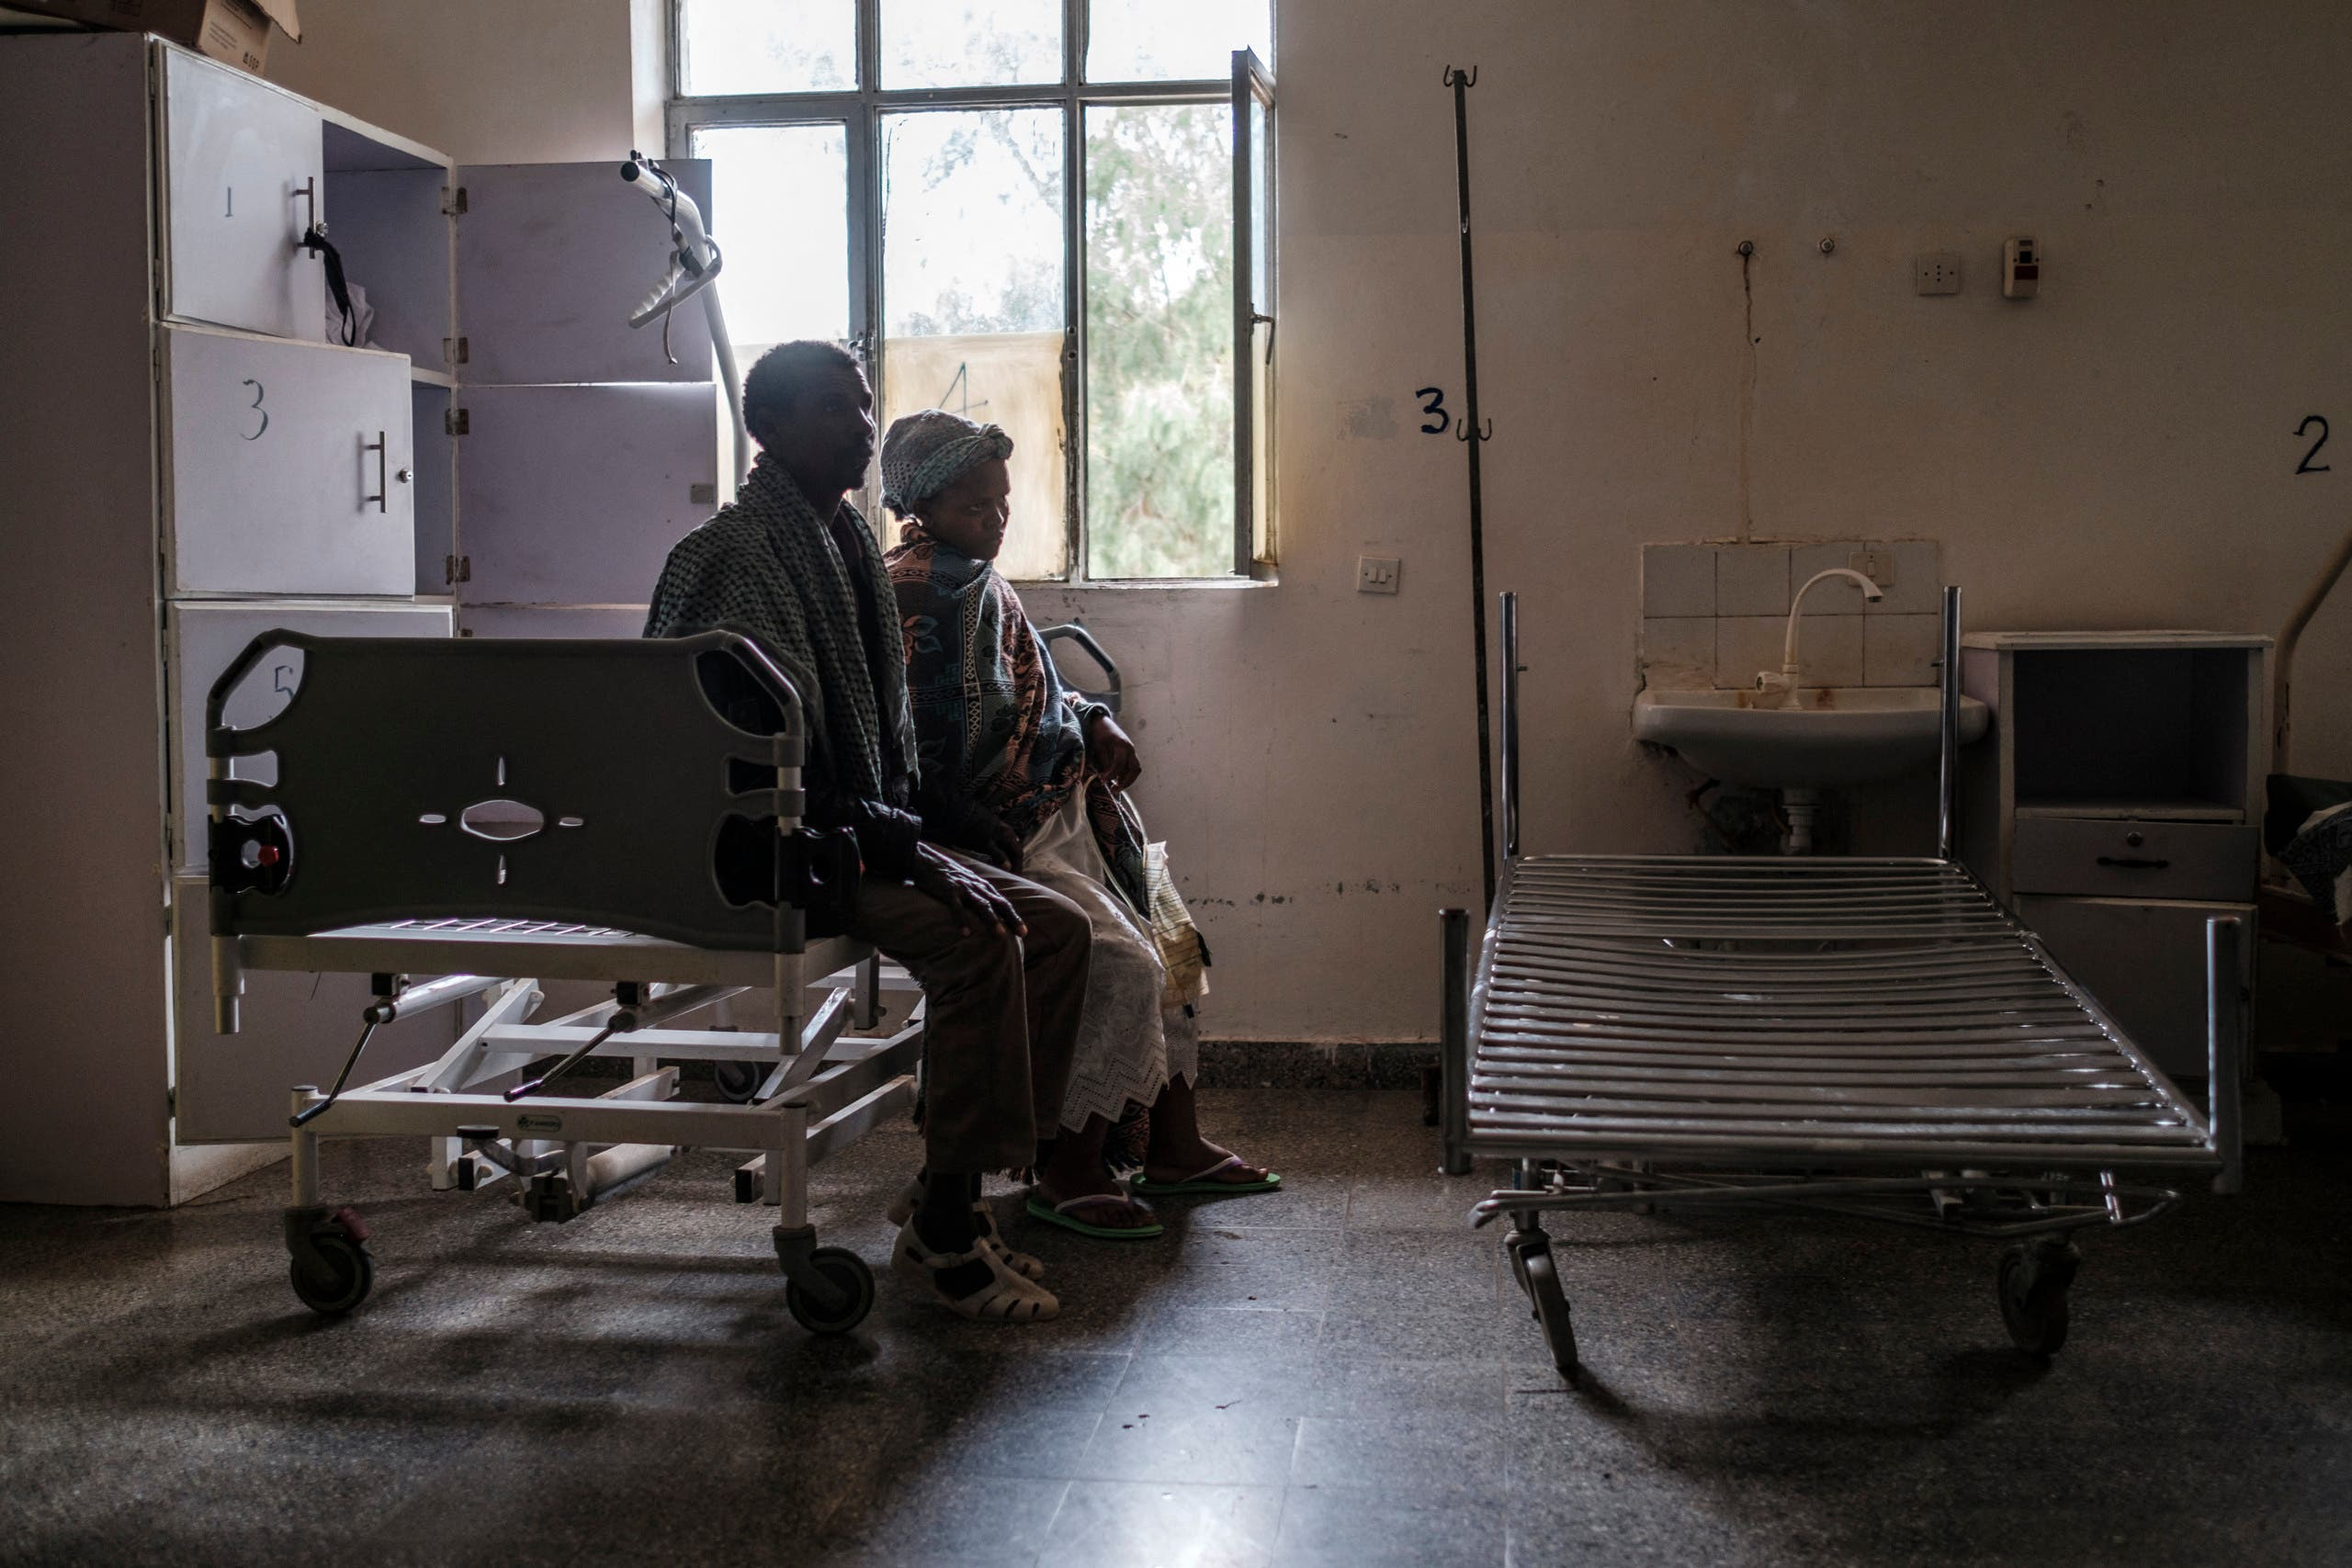 شخصان يحلسان داخل مستشفى في تيغراي تم نهب ممتلكاته